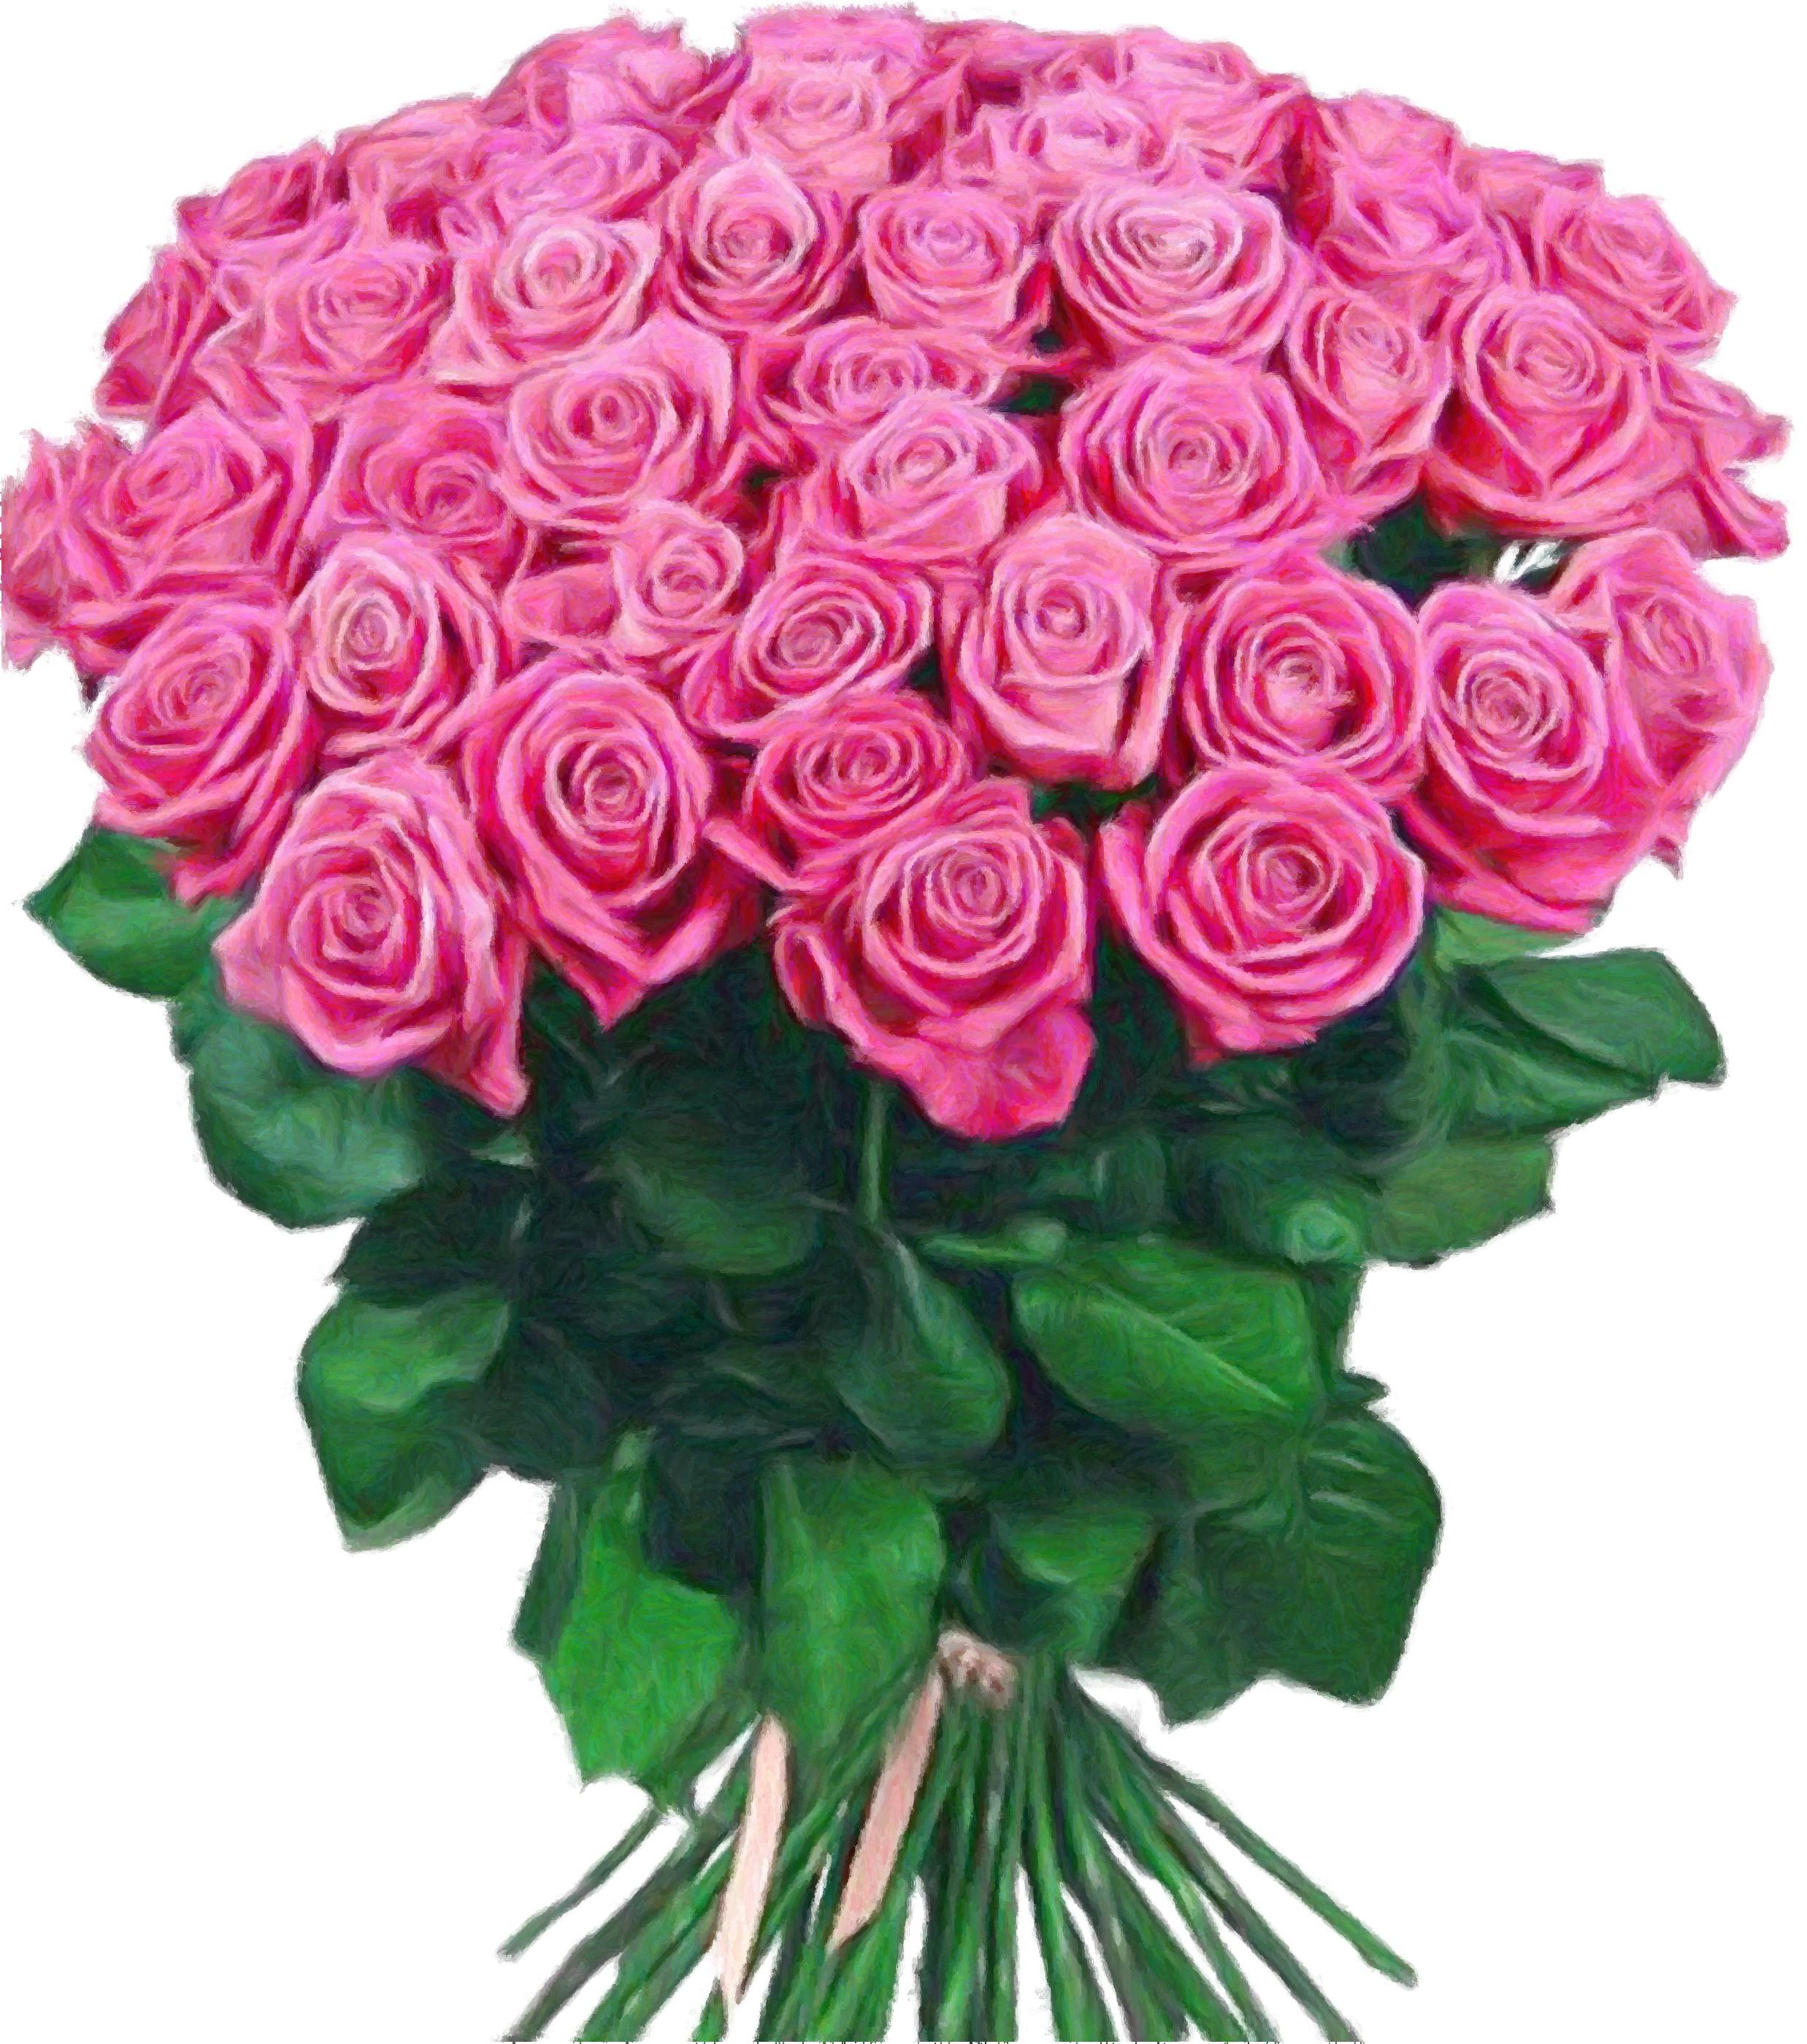 букеты из тюльпанов фото 8 марта